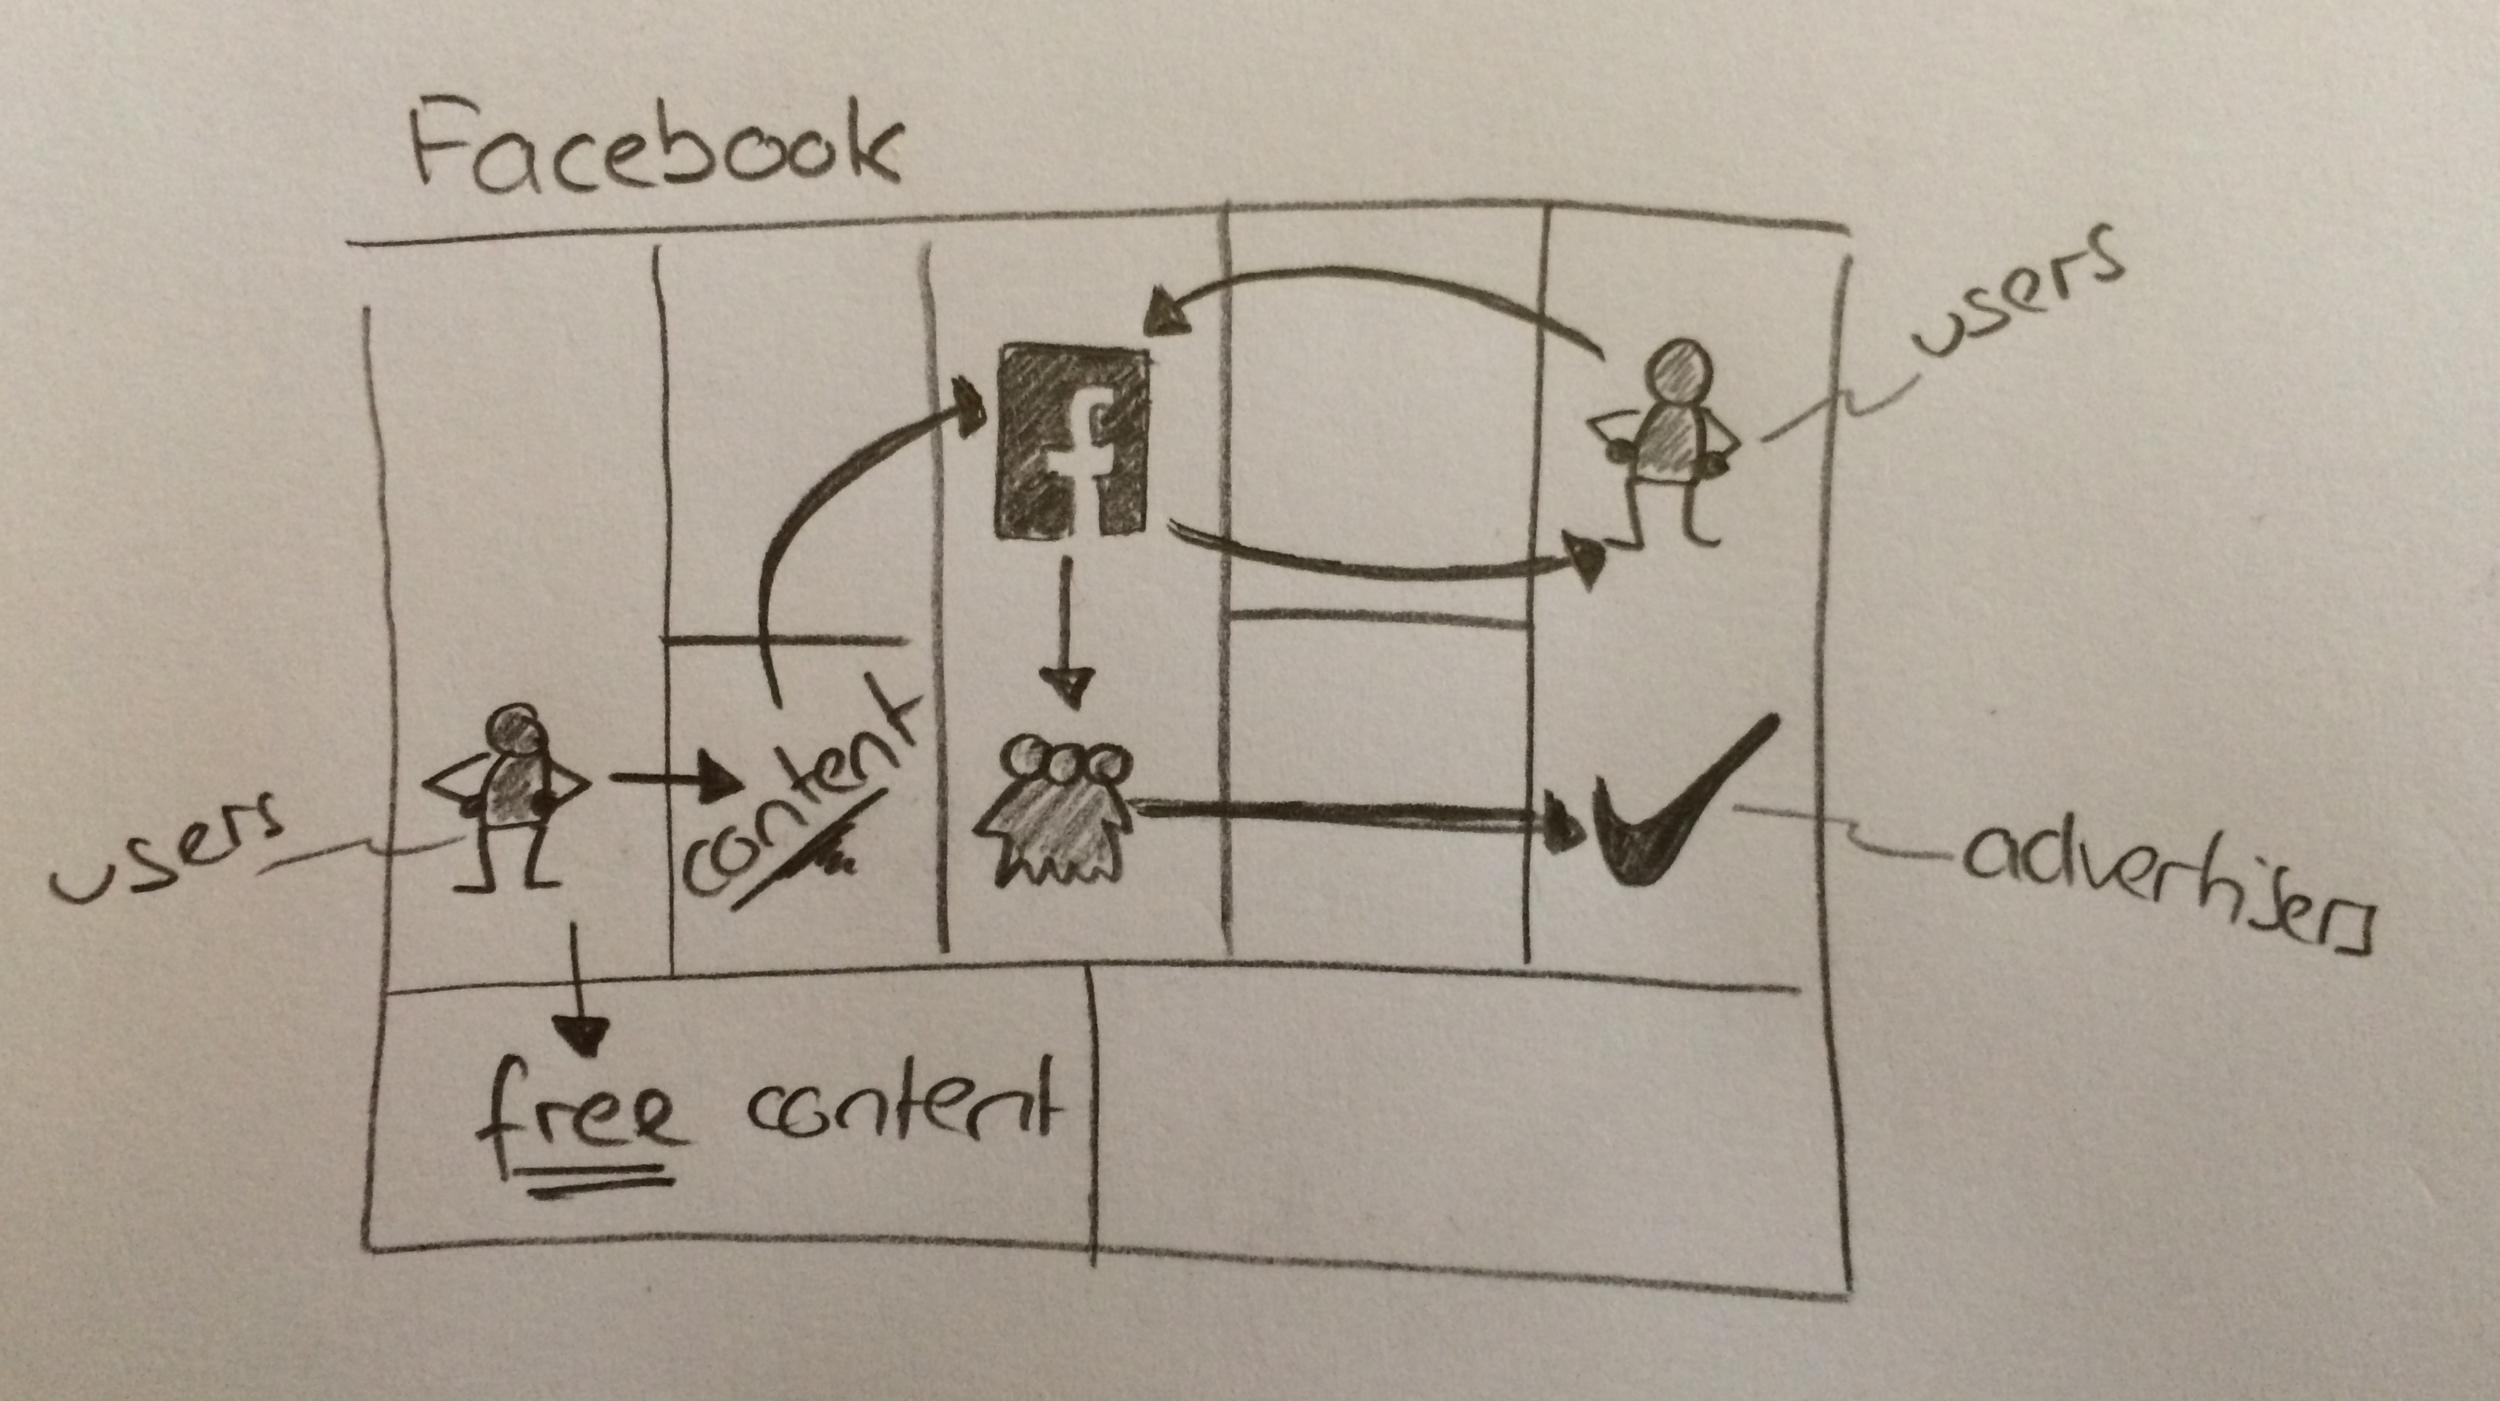 Facebook-Business-Model.png